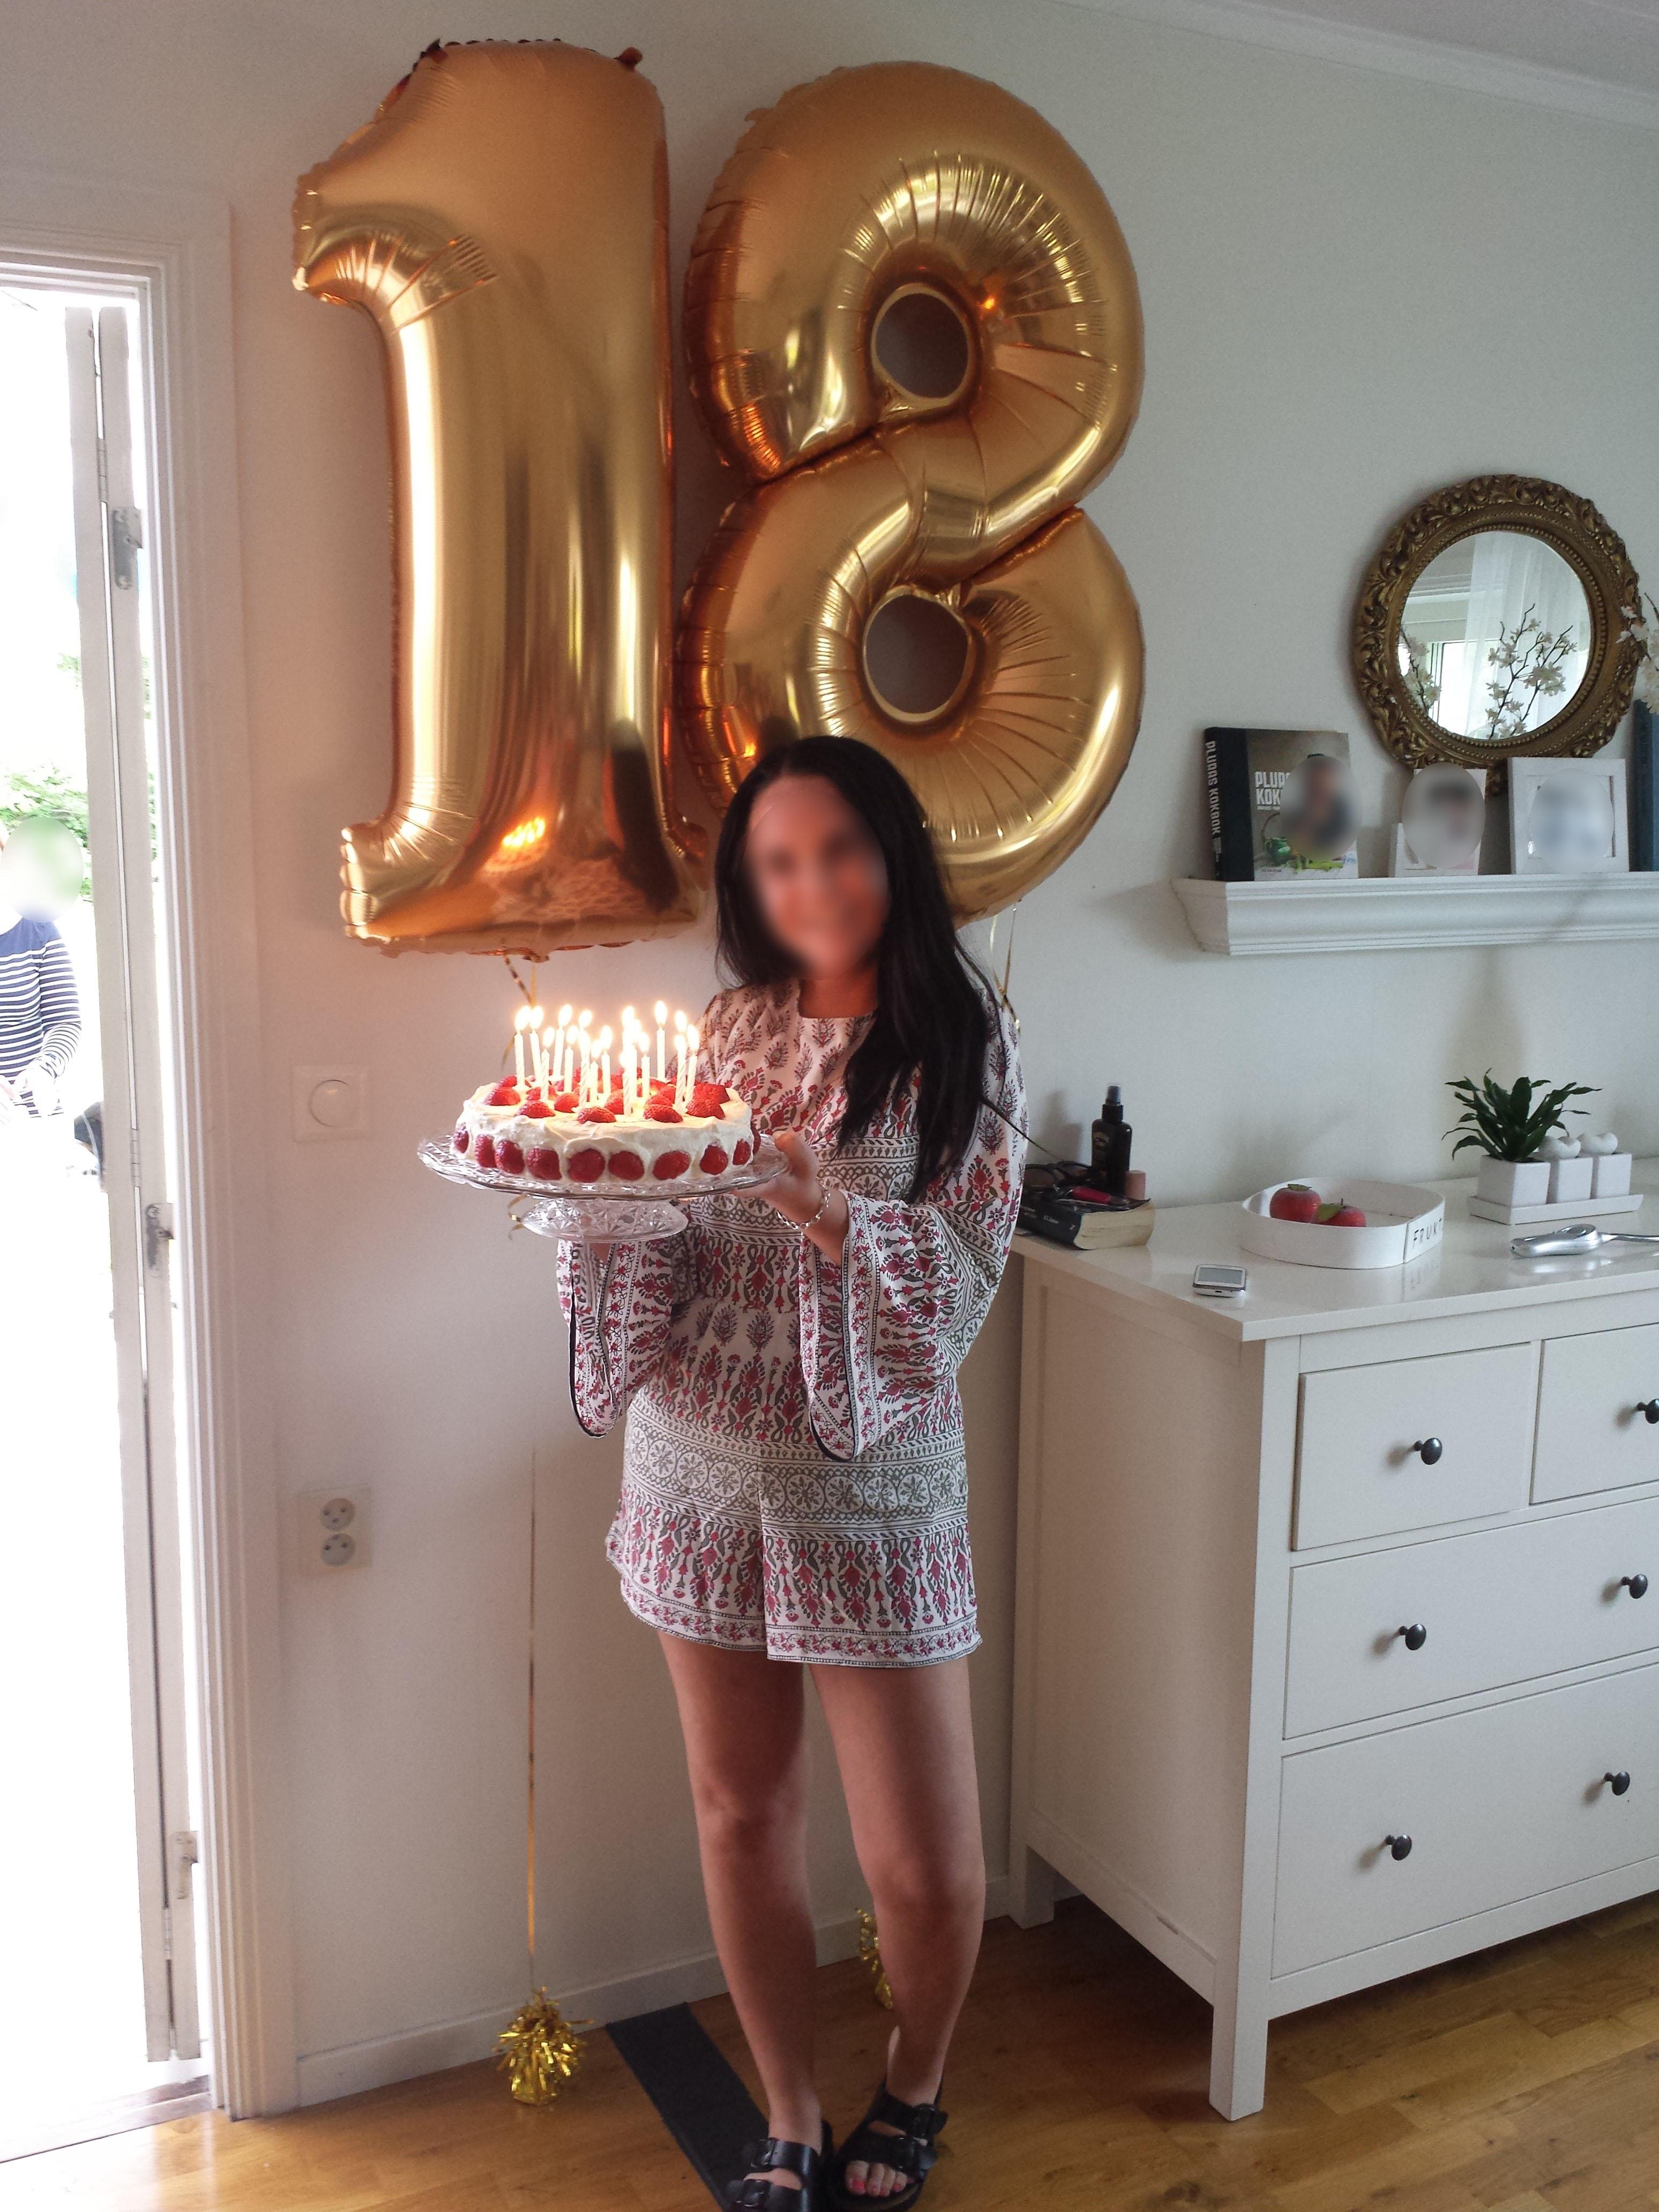 ballonger 18 år Guldsiffror   18 år   Ballongpalatset ballonger 18 år